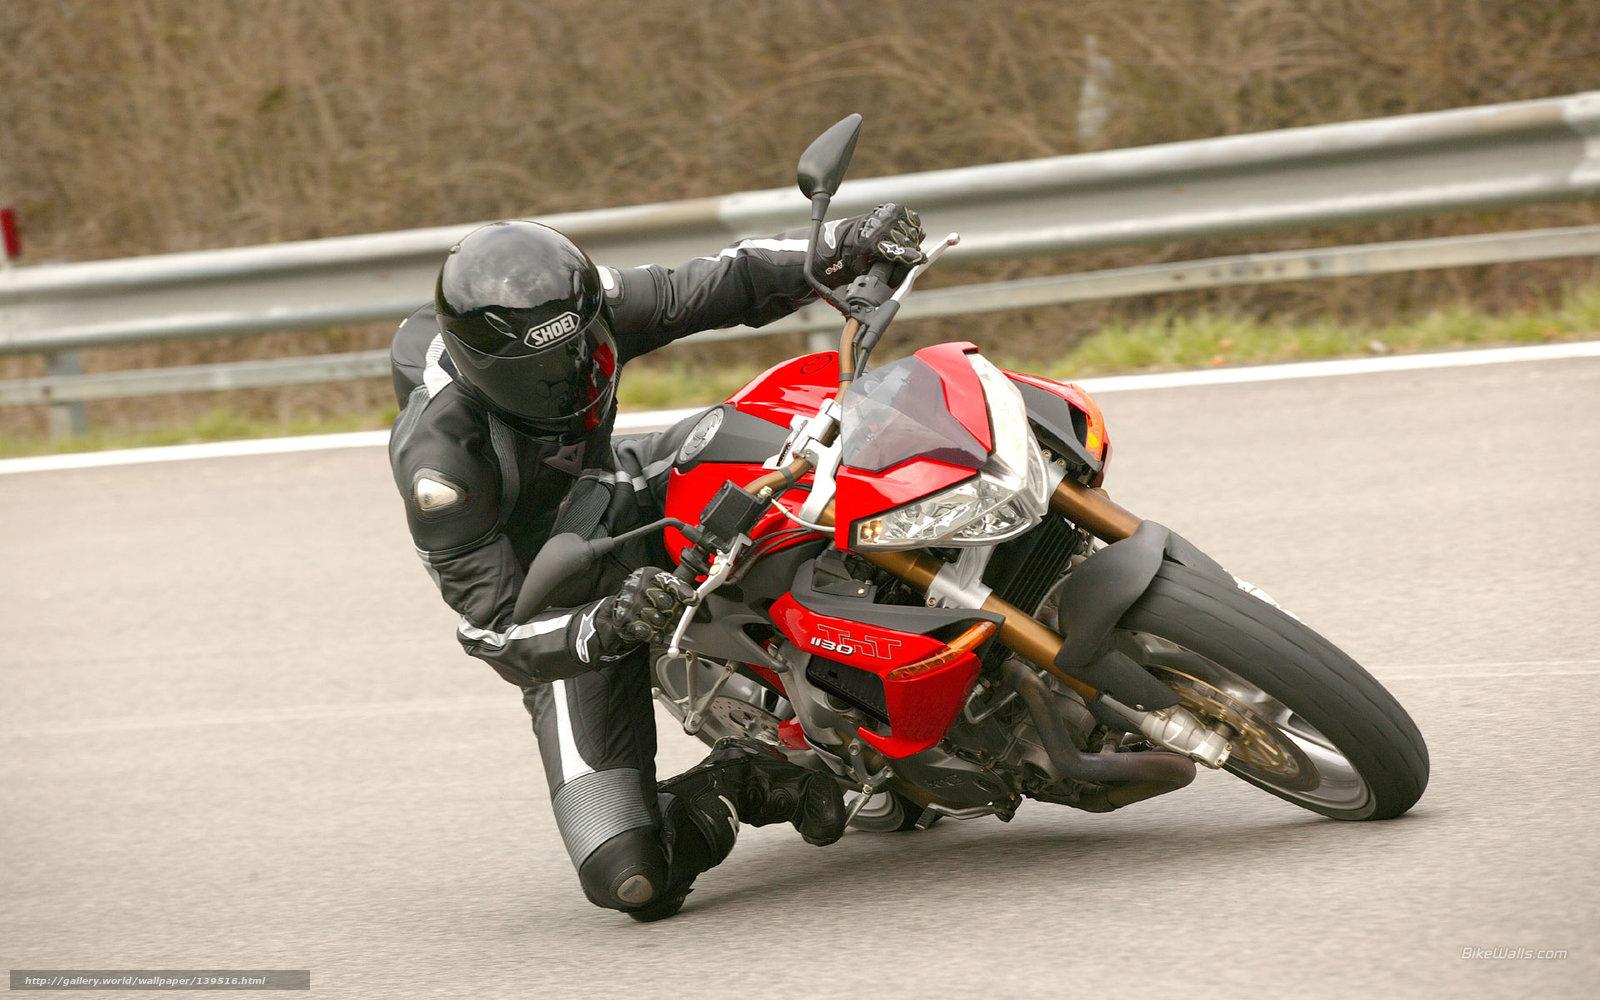 обои для рабочего стола мотоцикл минск № 438258  скачать